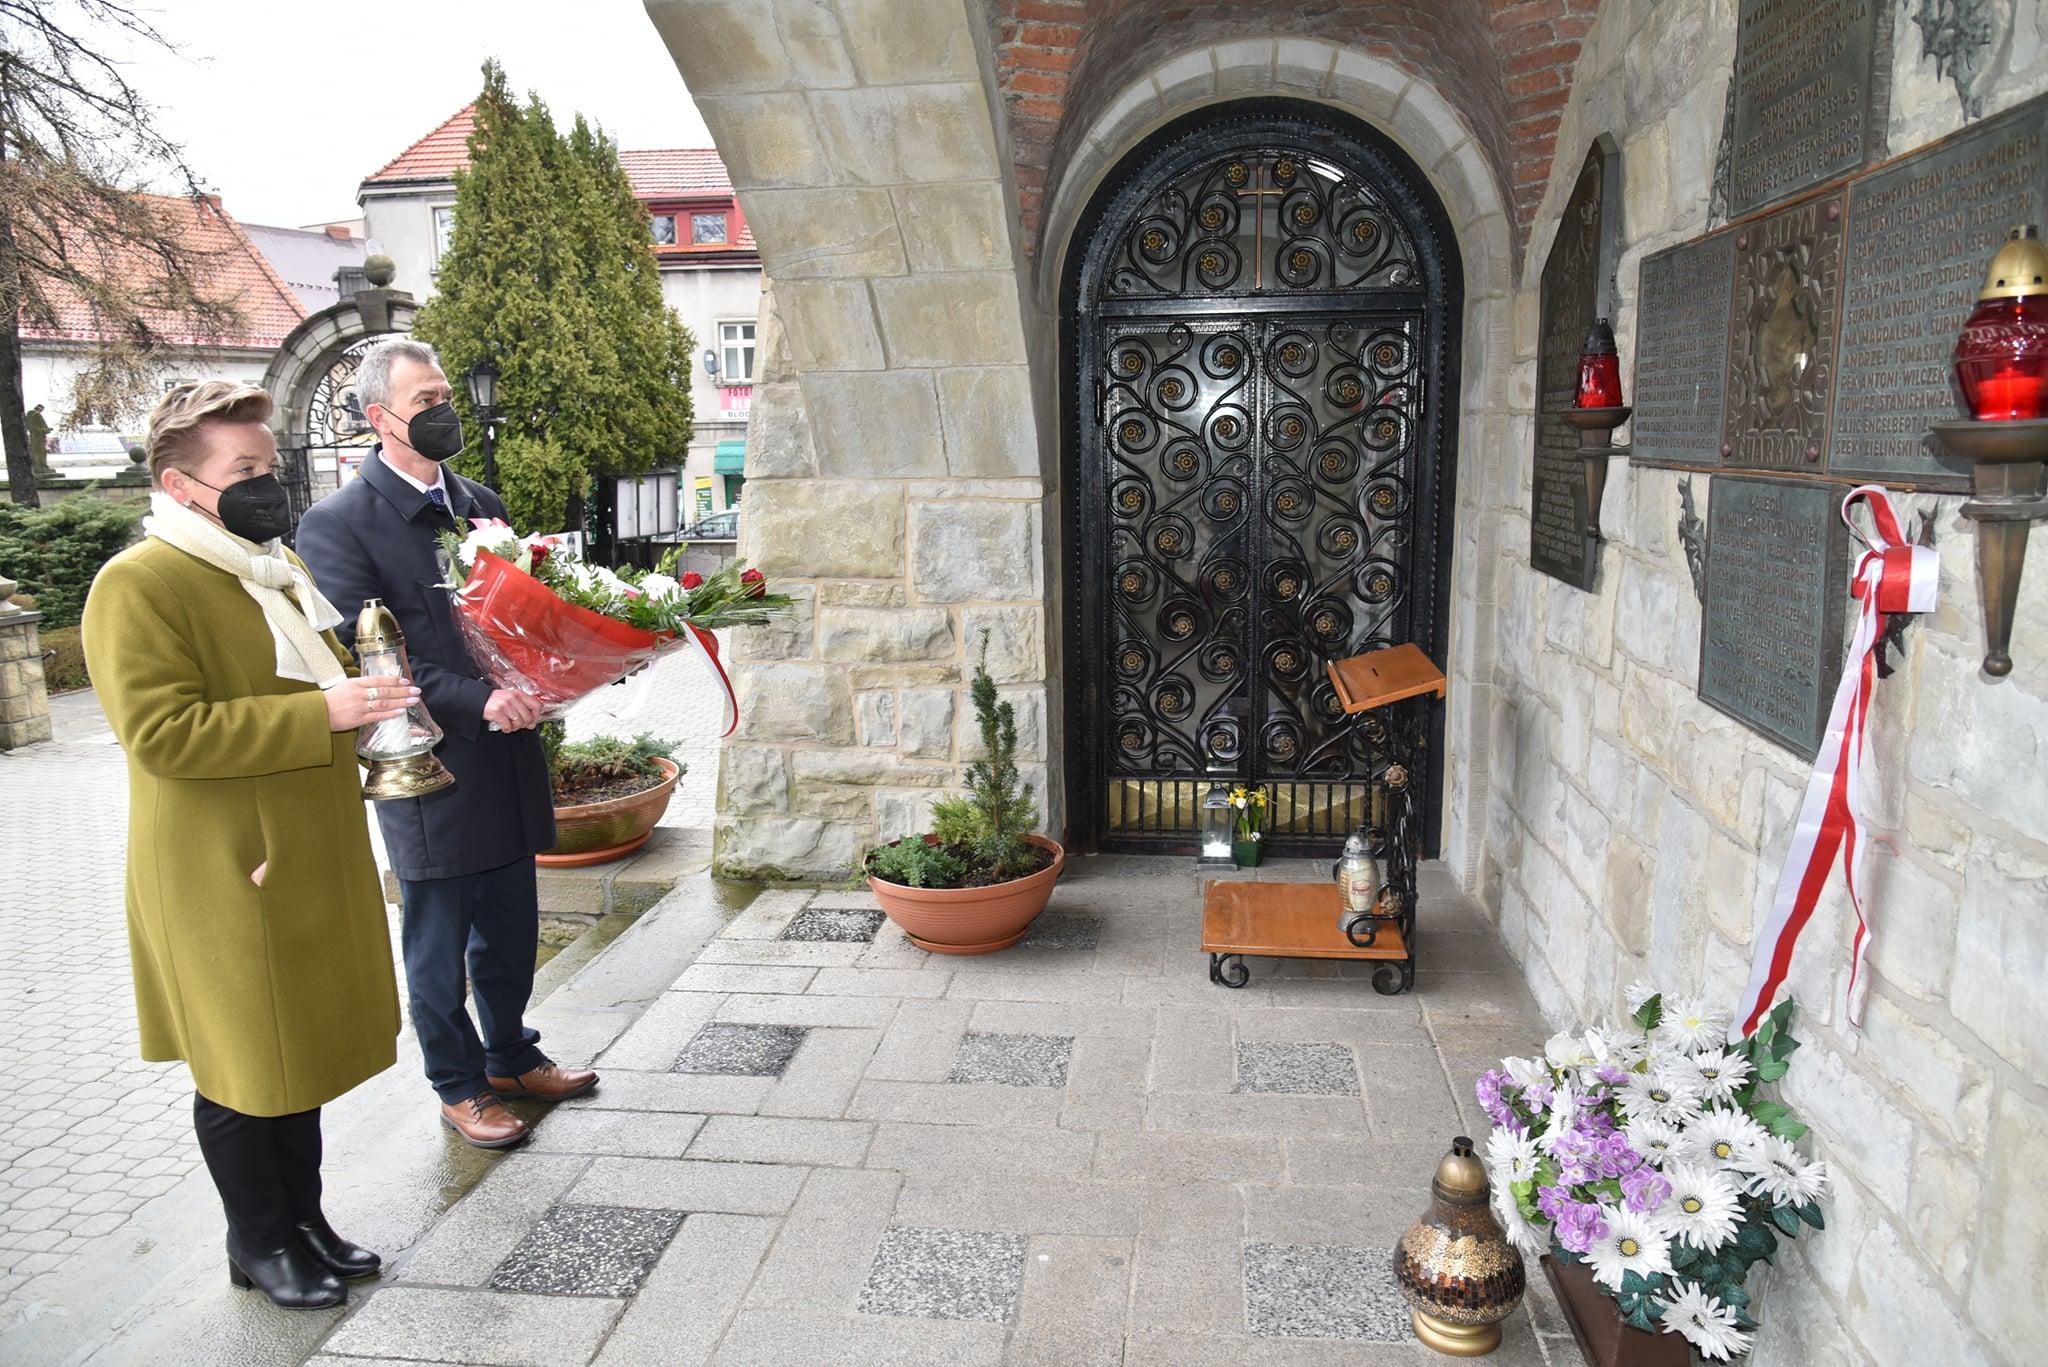 Starosta Limanowski Mieczysław Uryga oraz Wicestarosta Agata Zięba składają wiązankę przed tablicami katyńskimy